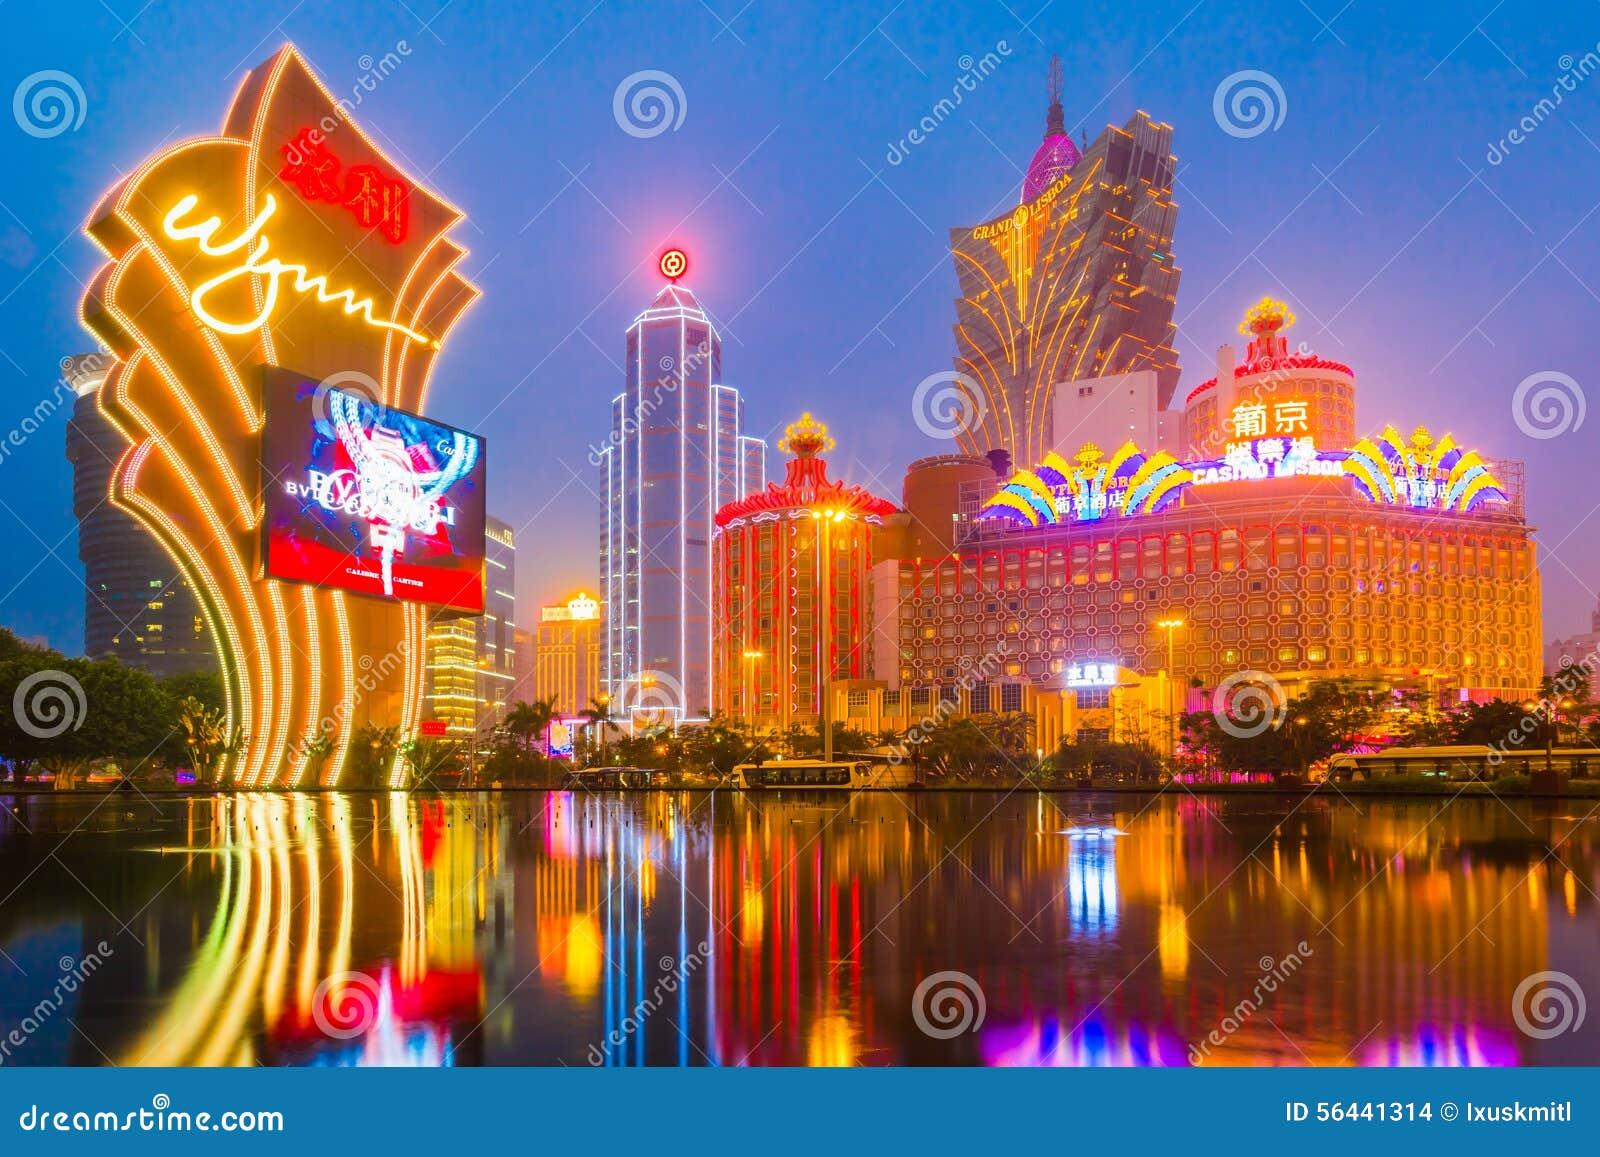 Казино город в китае казино вулкан девка